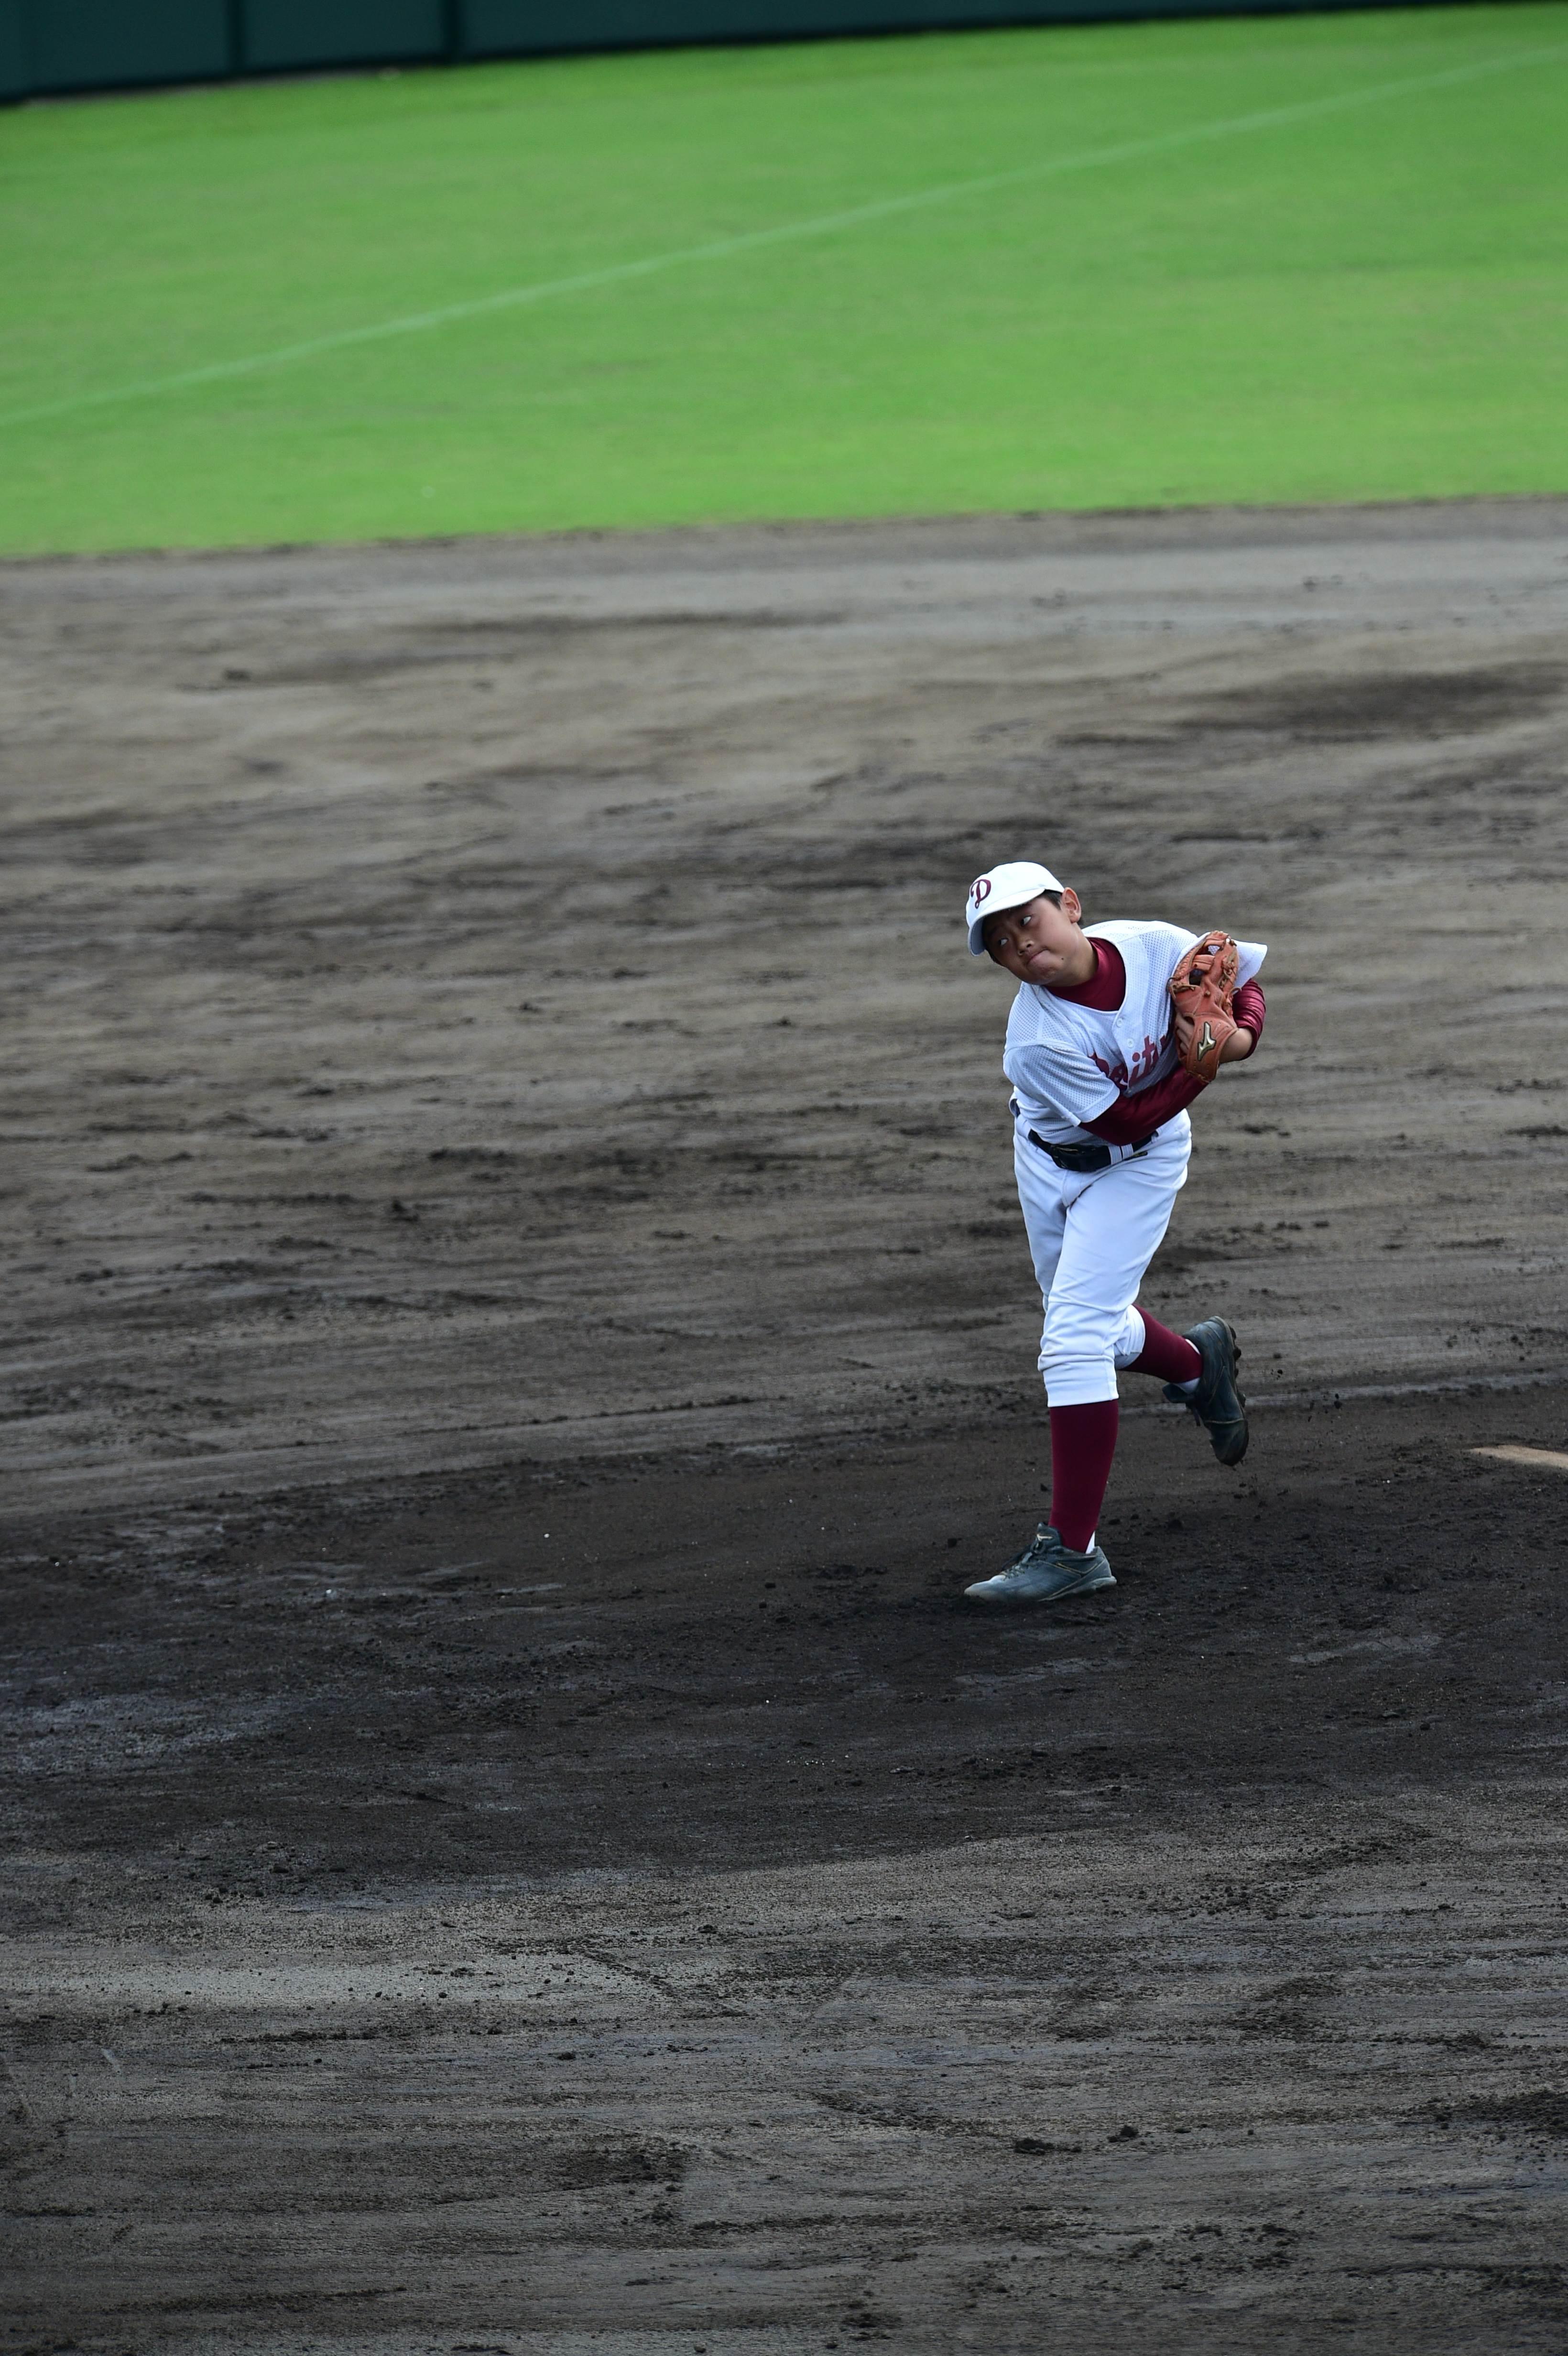 軟式野球 (20)